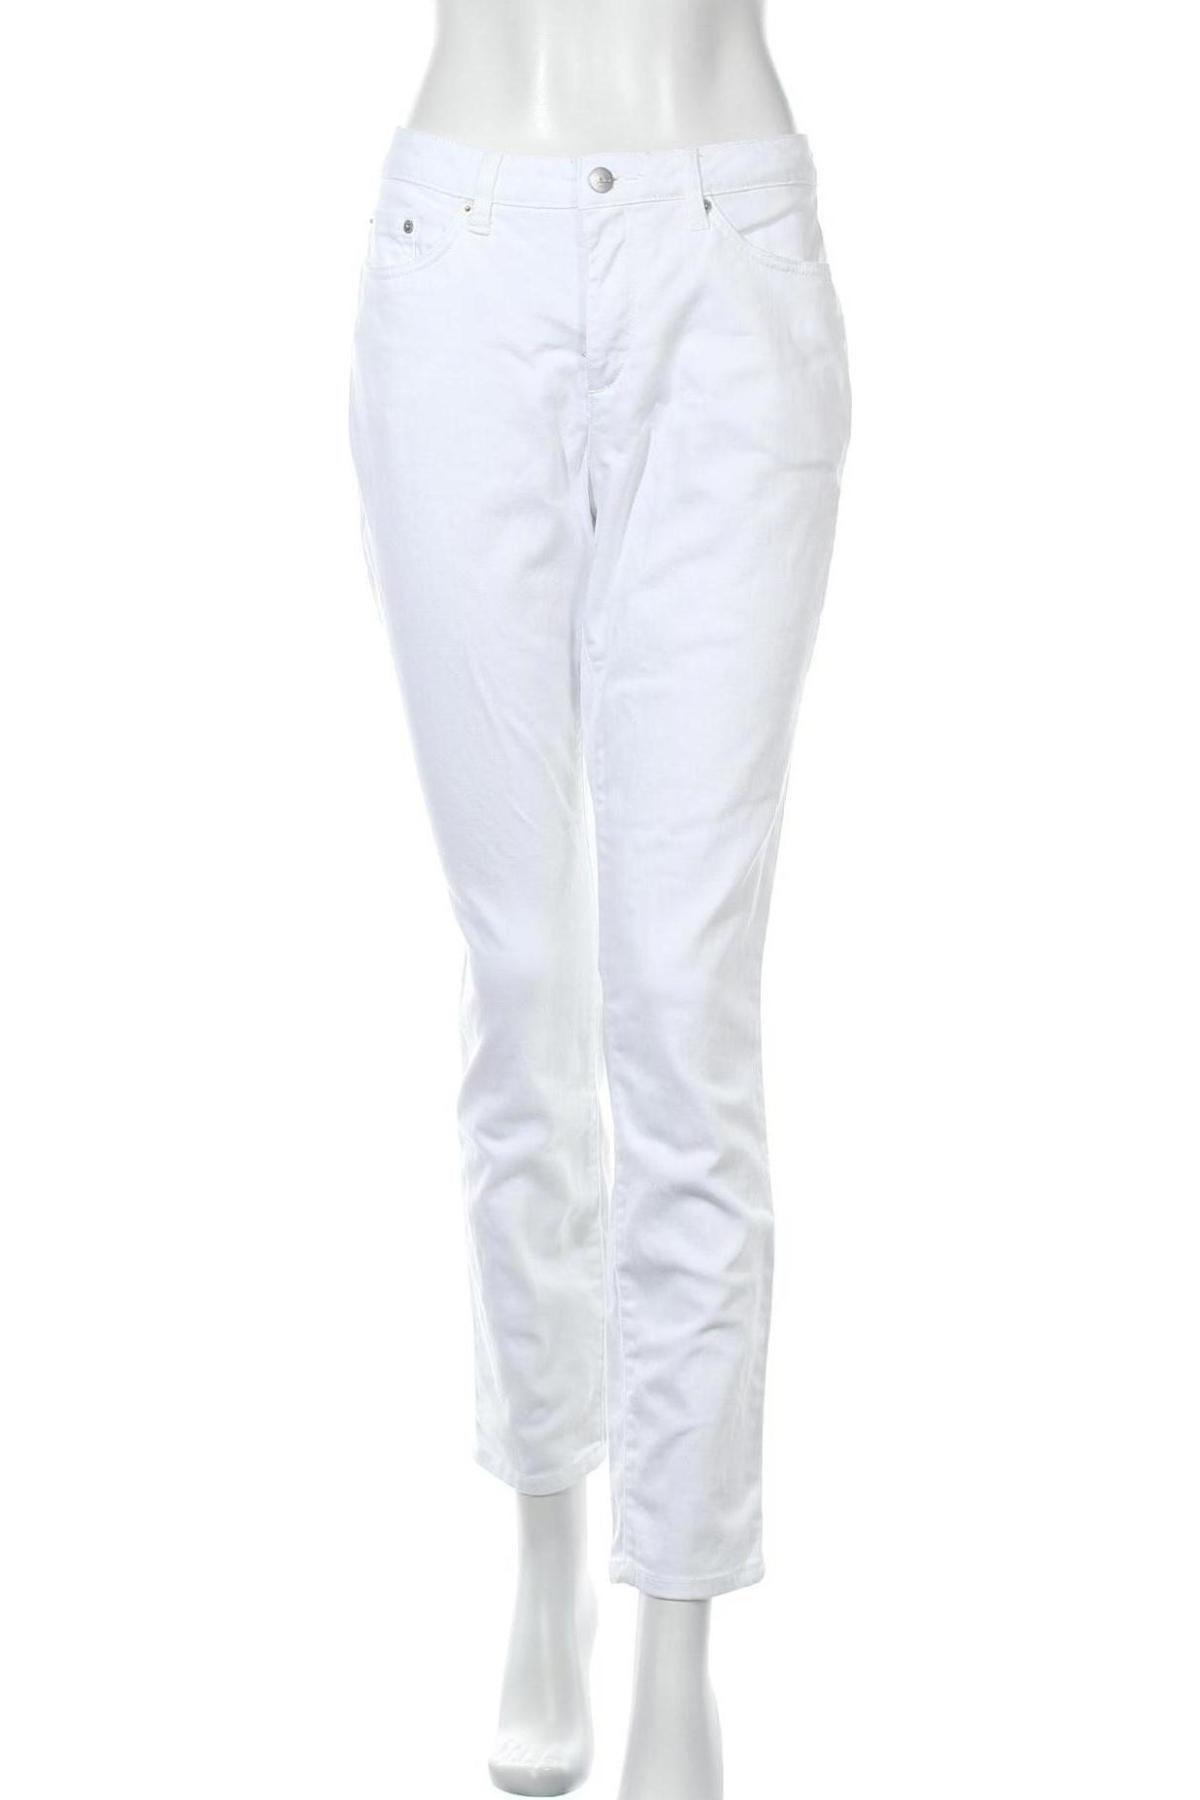 Дамски дънки Aniston, Размер L, Цвят Бял, 98% памук, 2% еластан, Цена 31,62лв.